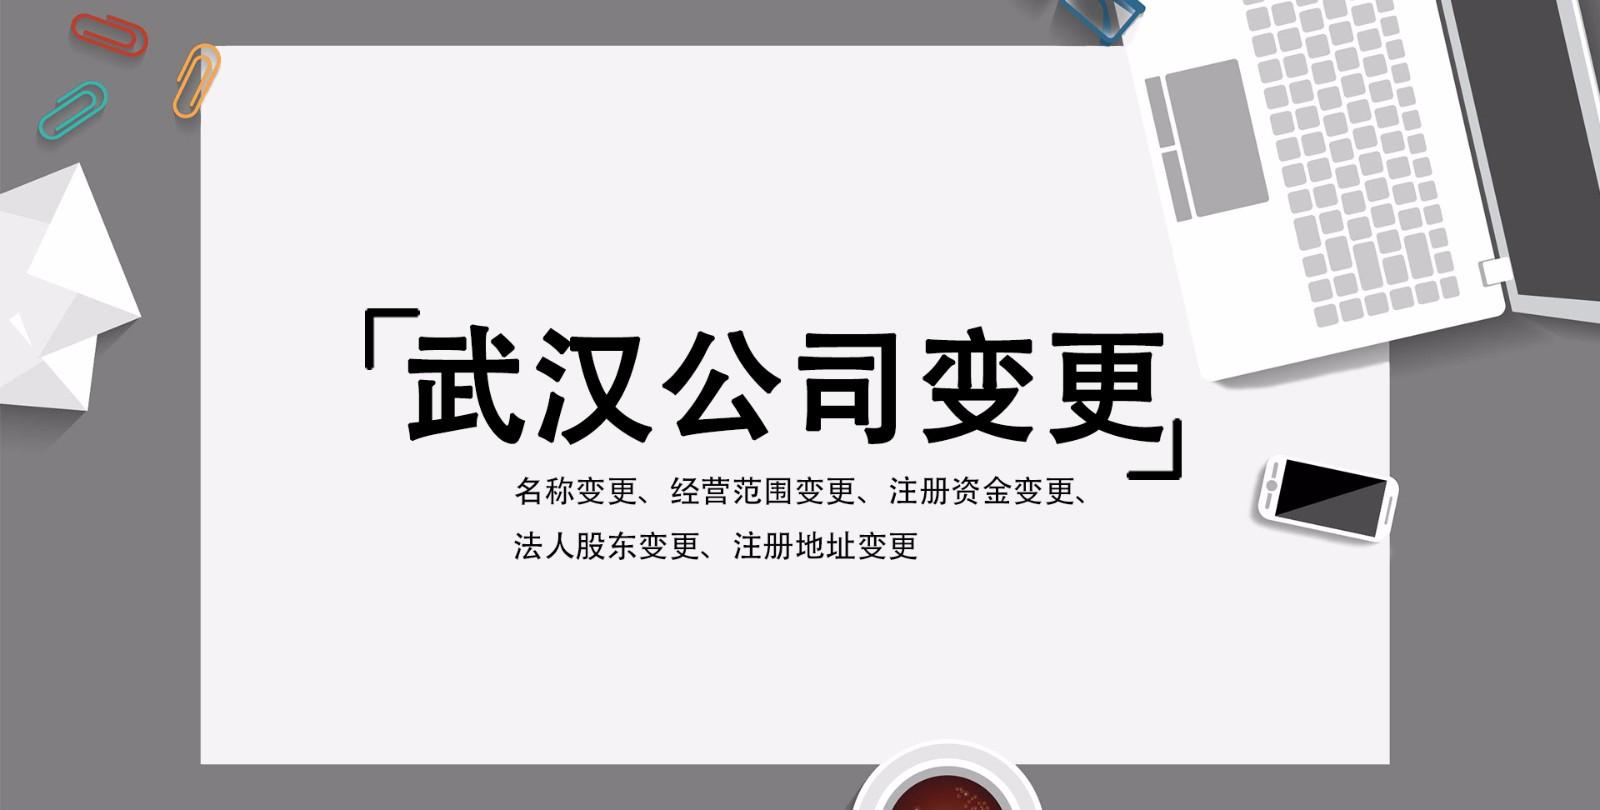 武汉工商变更_营业执照变更_武汉万创企业管理有限公司